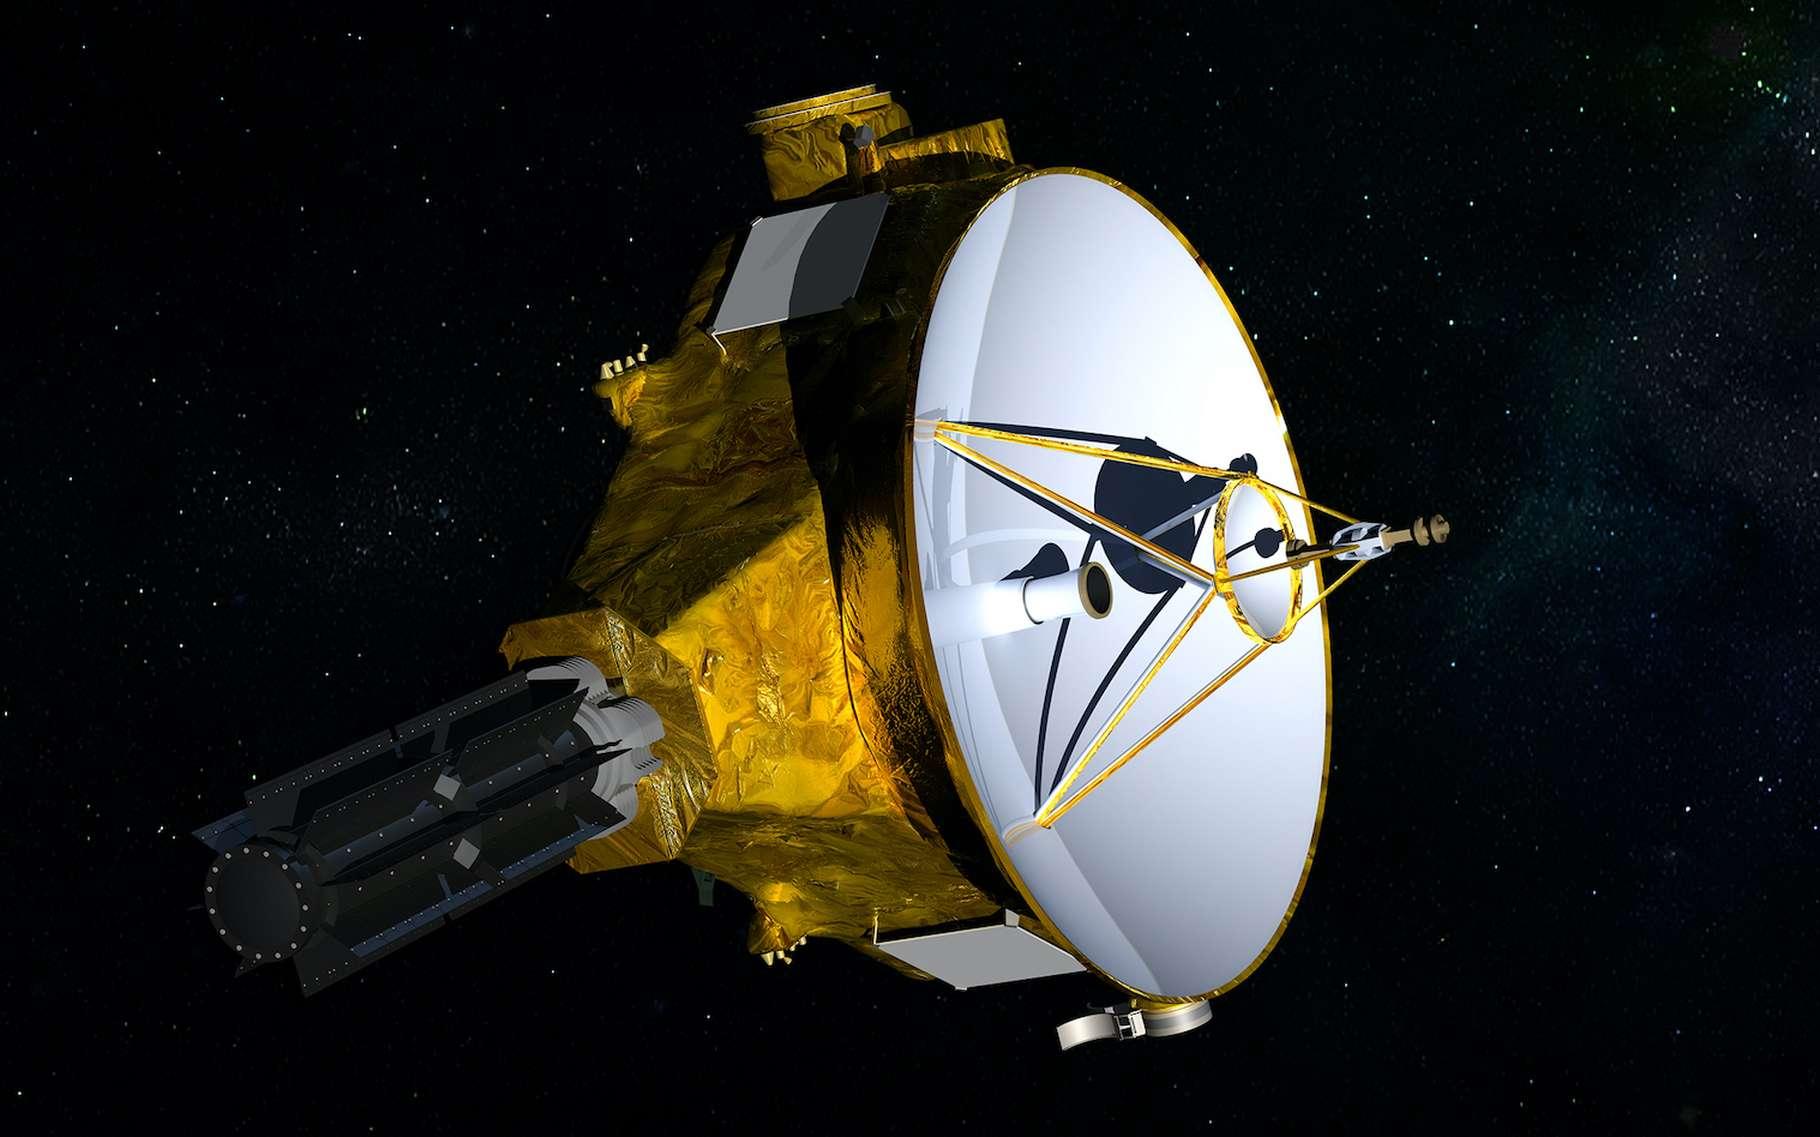 La sonde New Horizons poursuit sur chemin vers l'espace interstellaire. Elle vient de mettre en lumière les positions différentes de deux étoiles par rapport à celles qu'elles ont, observées depuis la Terre. © Nasa